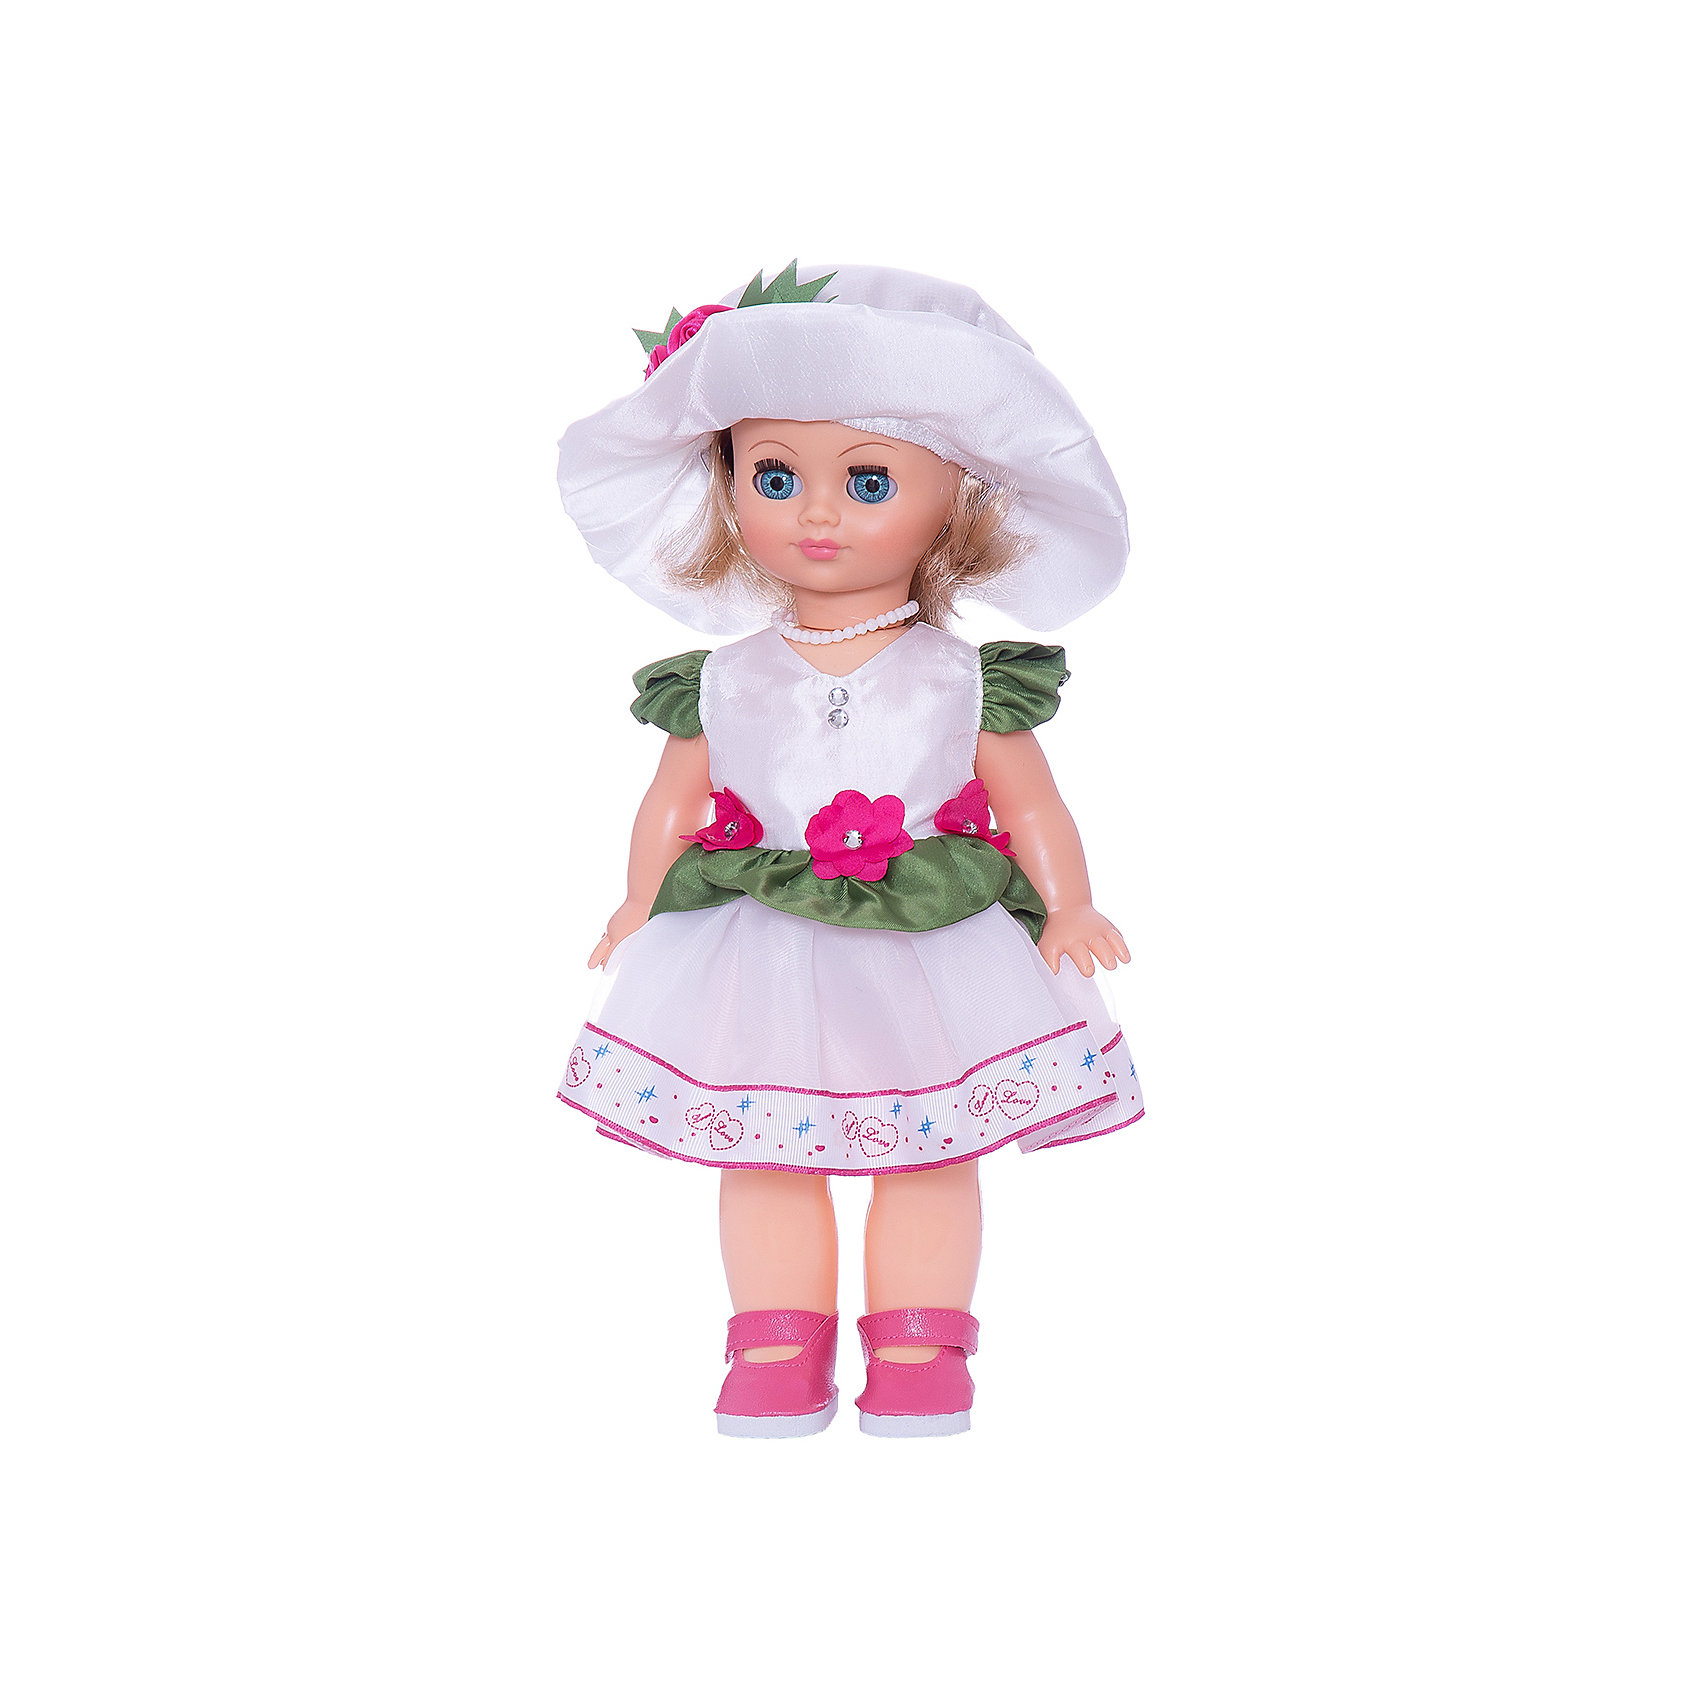 Весна Кукла Элла 16, со звуком, Весна весна элла 2 со звуком c12 о